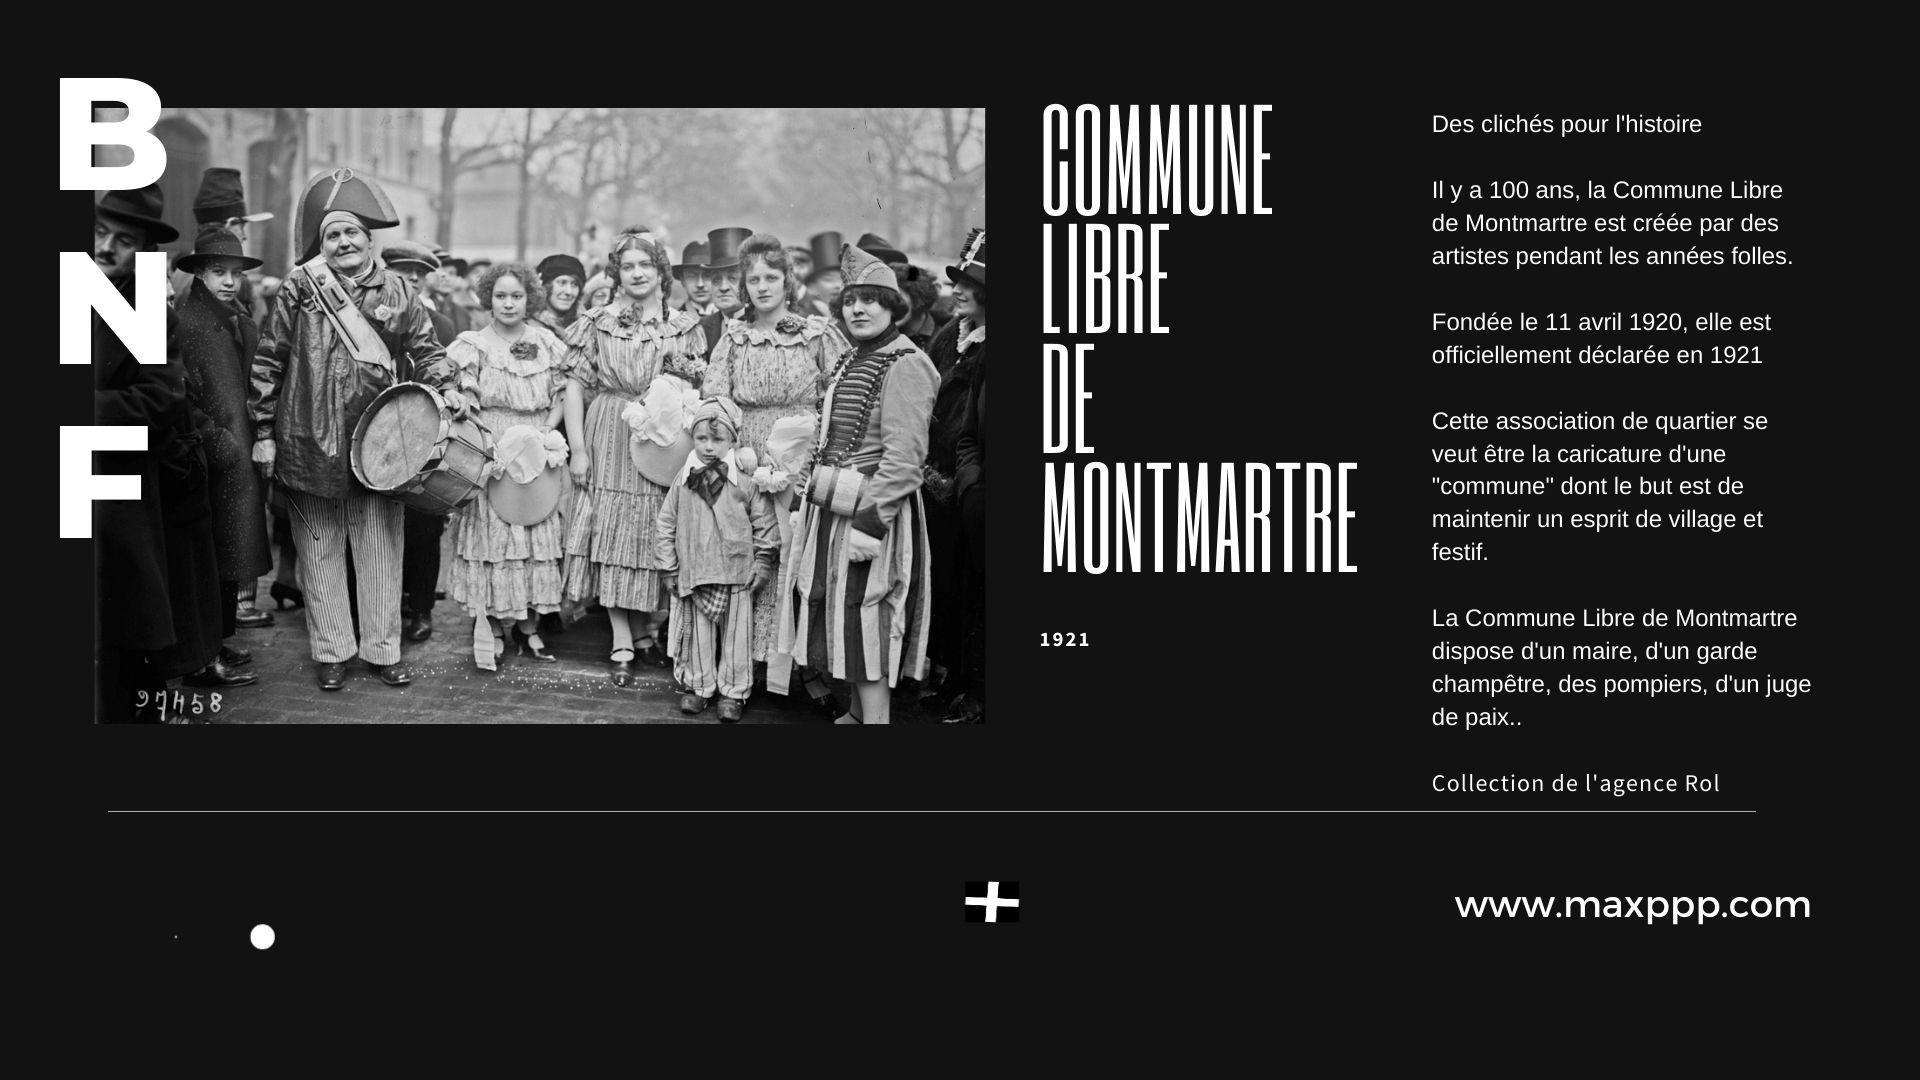 100 ans de la Commune Libre de Montmartre